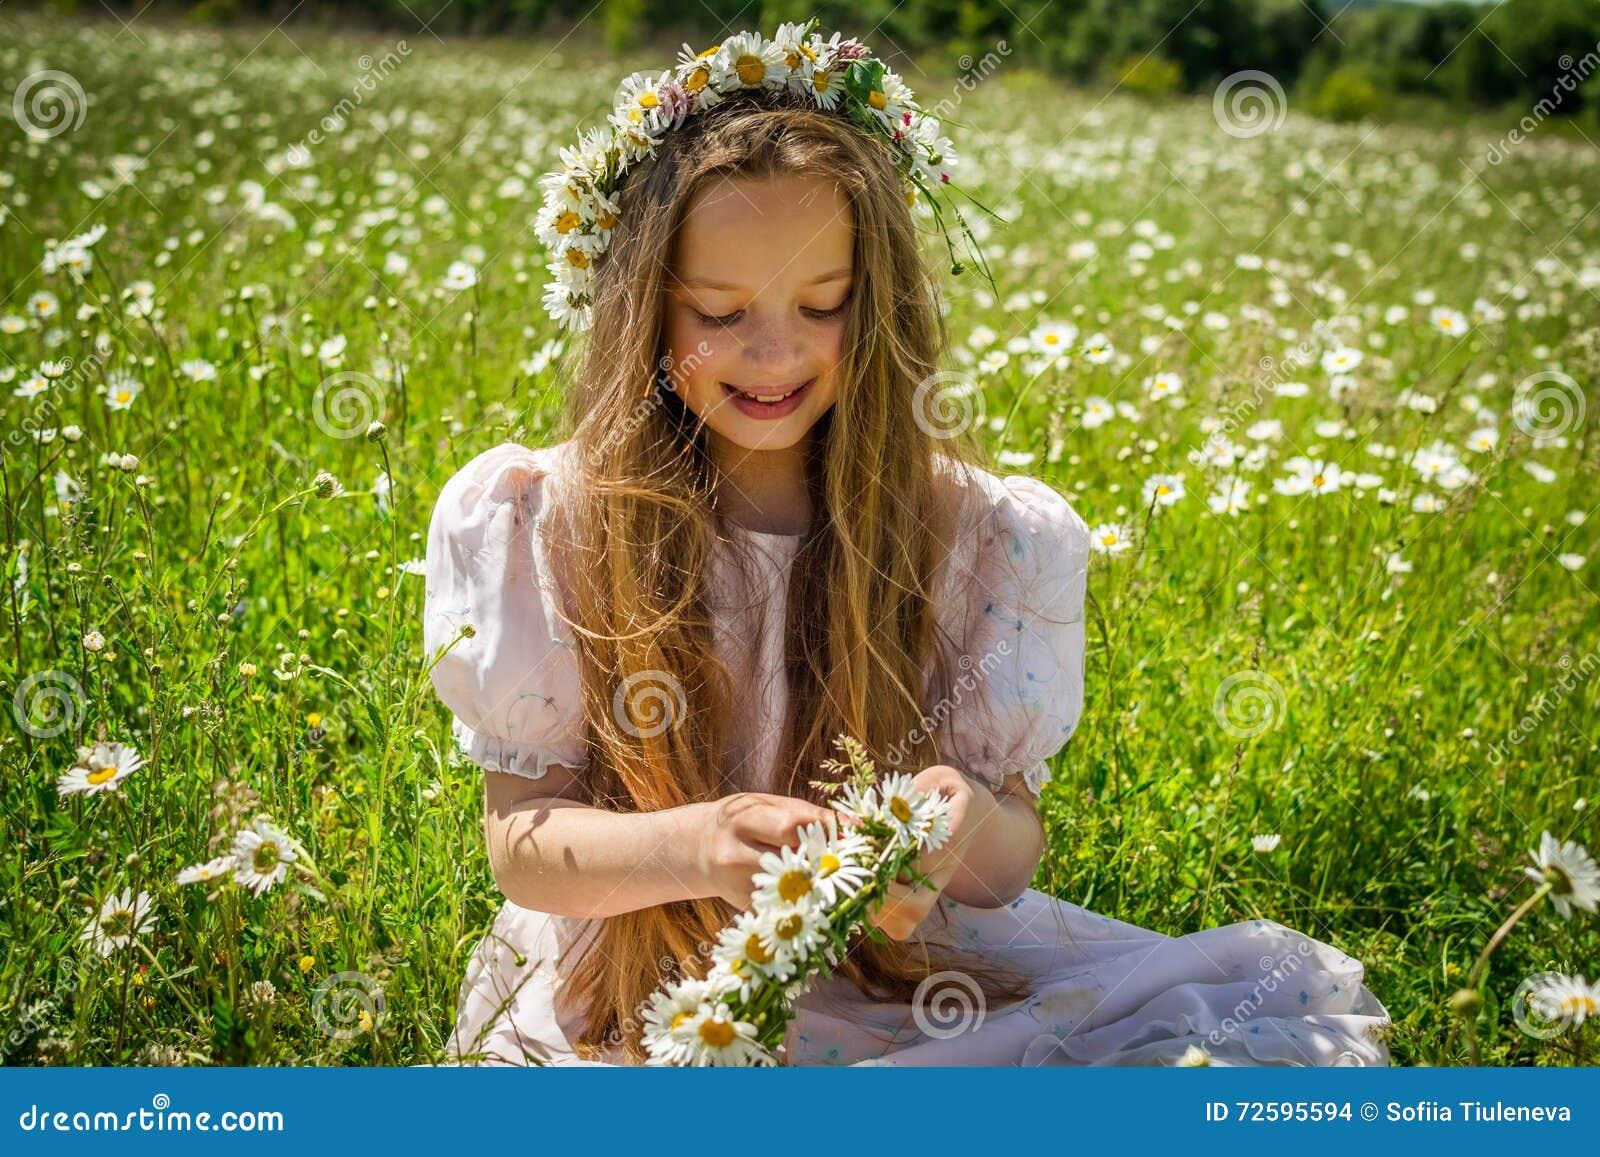 Фото девушек плетущих венок